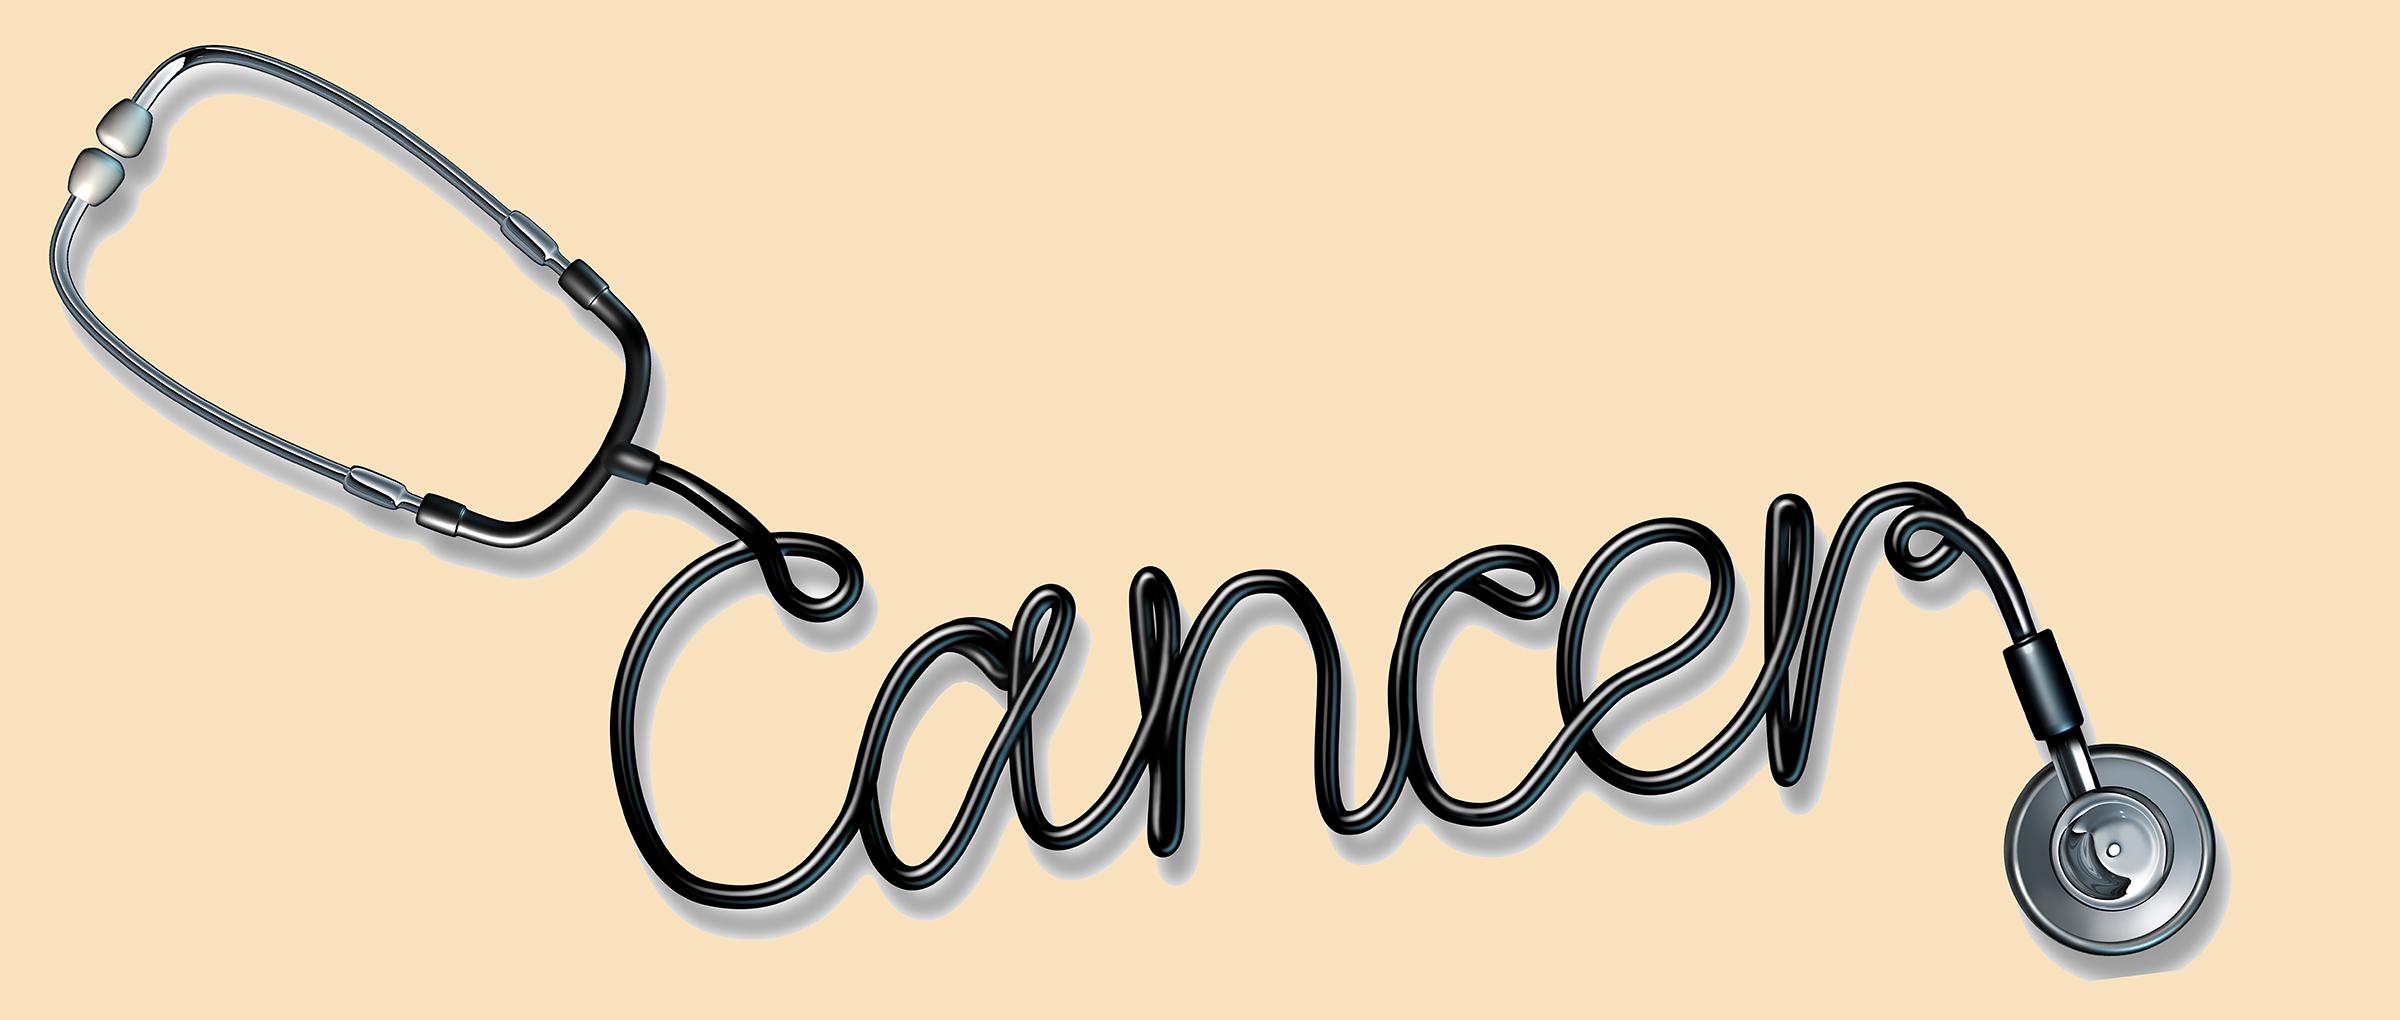 Tener cáncer de cuello de útero